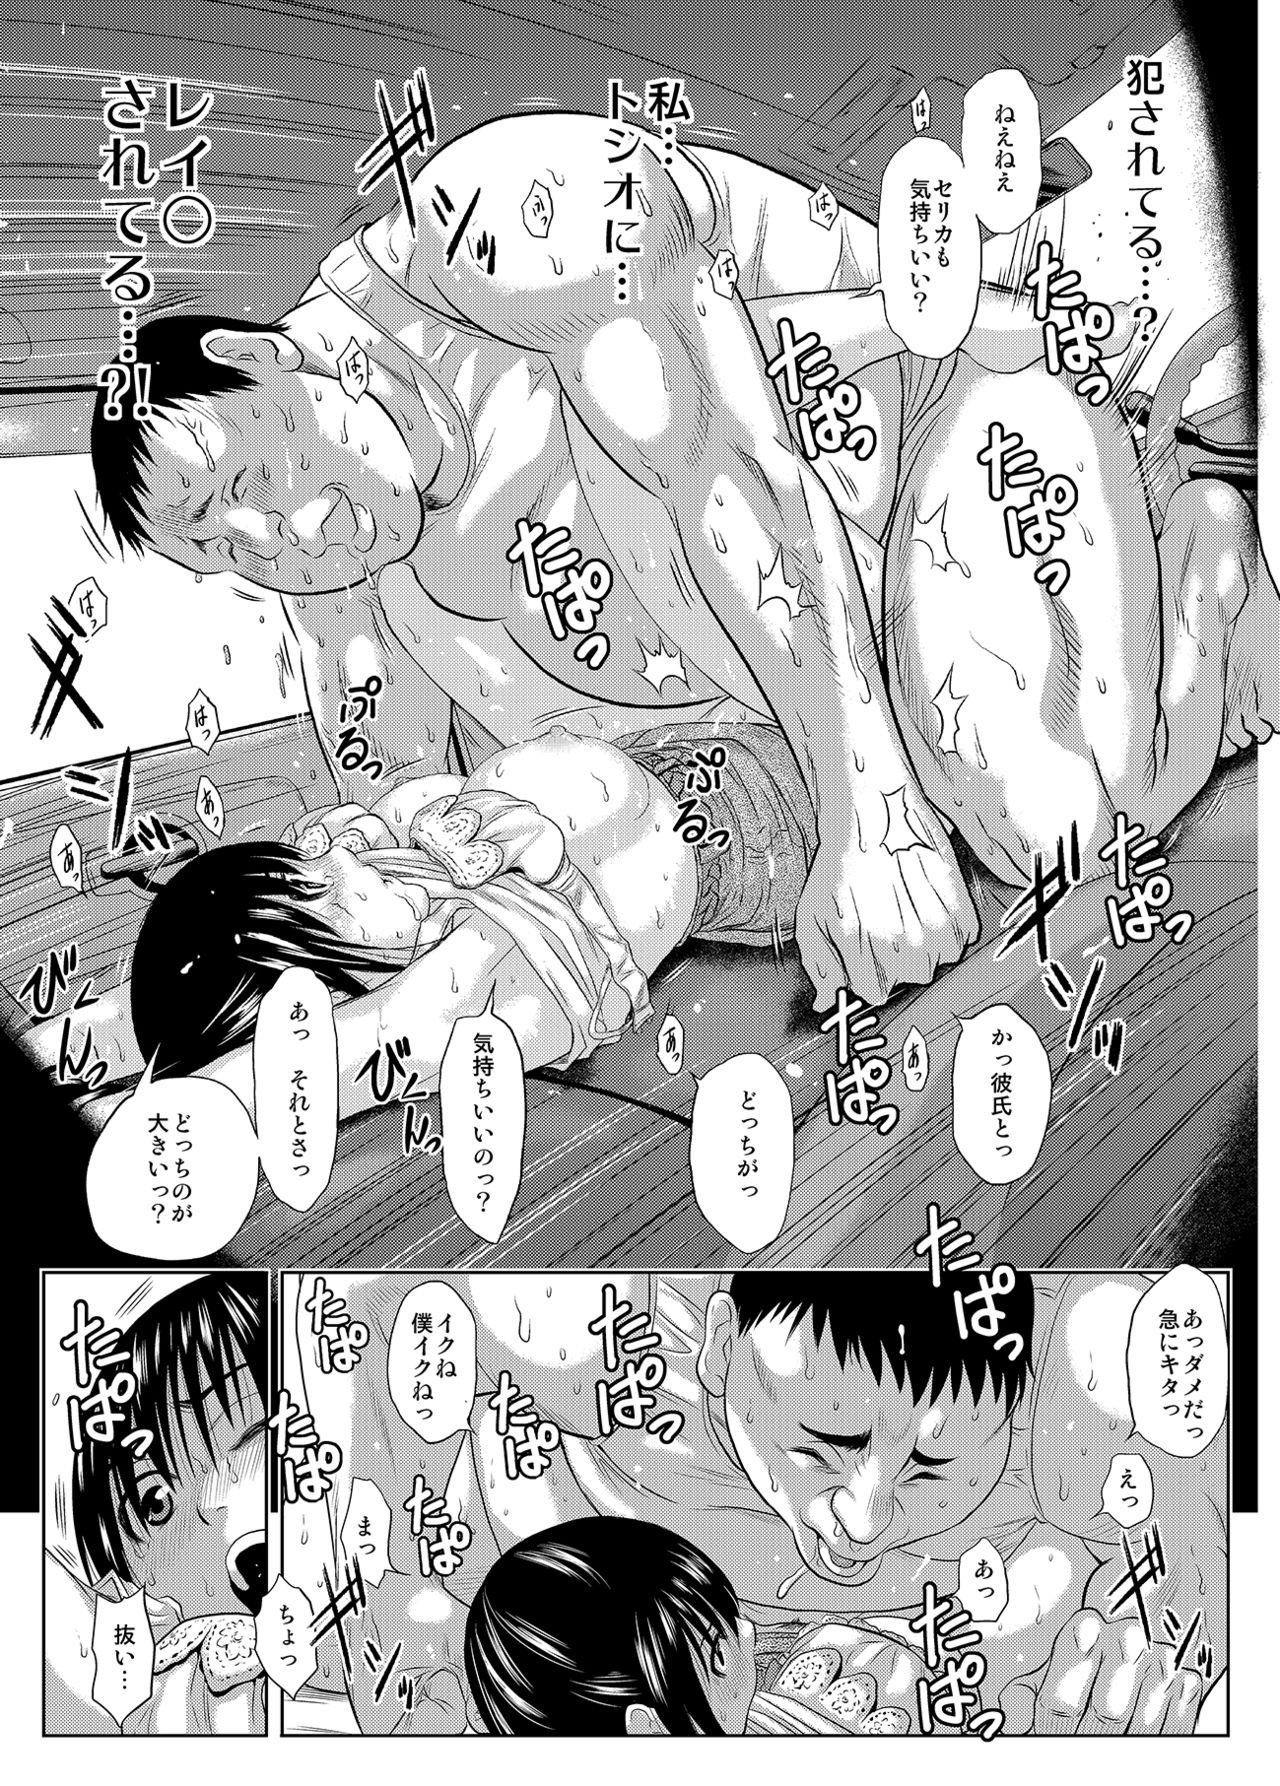 Mukashi kara Baka ni Shiteita Itoko no Kanninbukuro no O ga Kireta Kekka, Futarikiri no Semai Shanai de Karada o Moteasobareta Natsu no Hi no Koto. 41